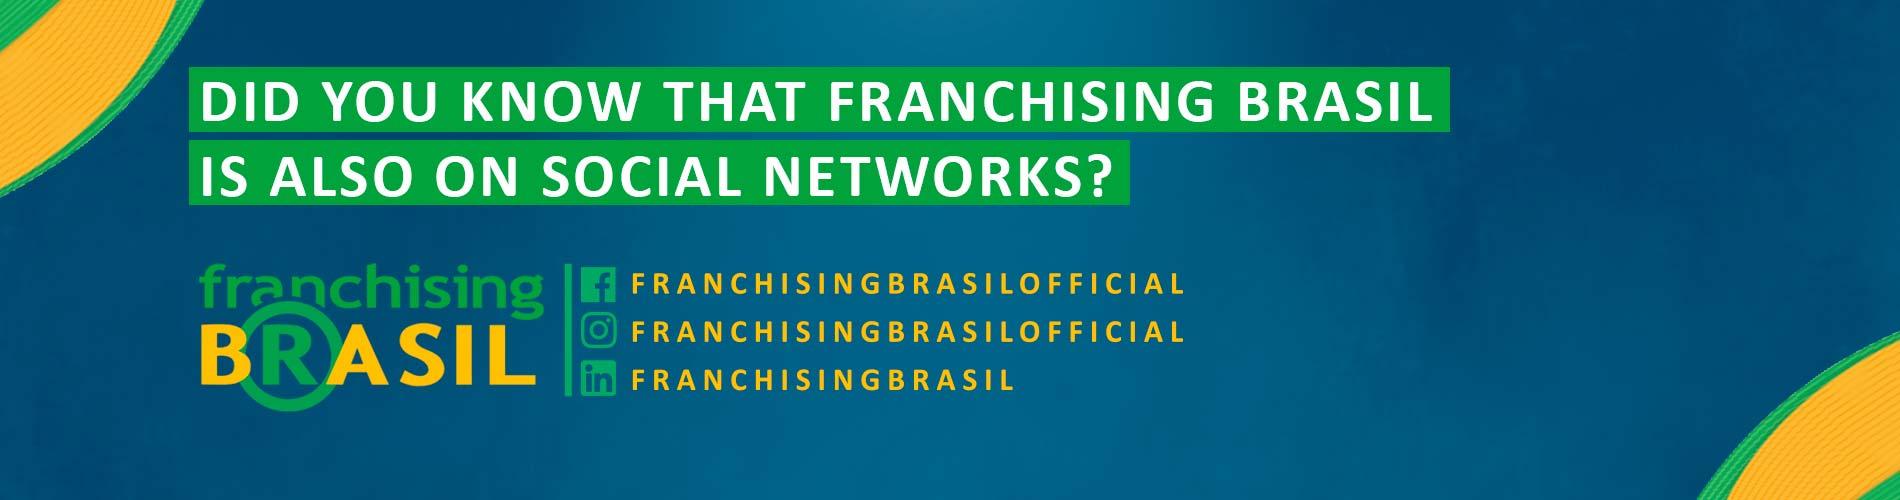 franchising-brasil-english-destaque-3-b